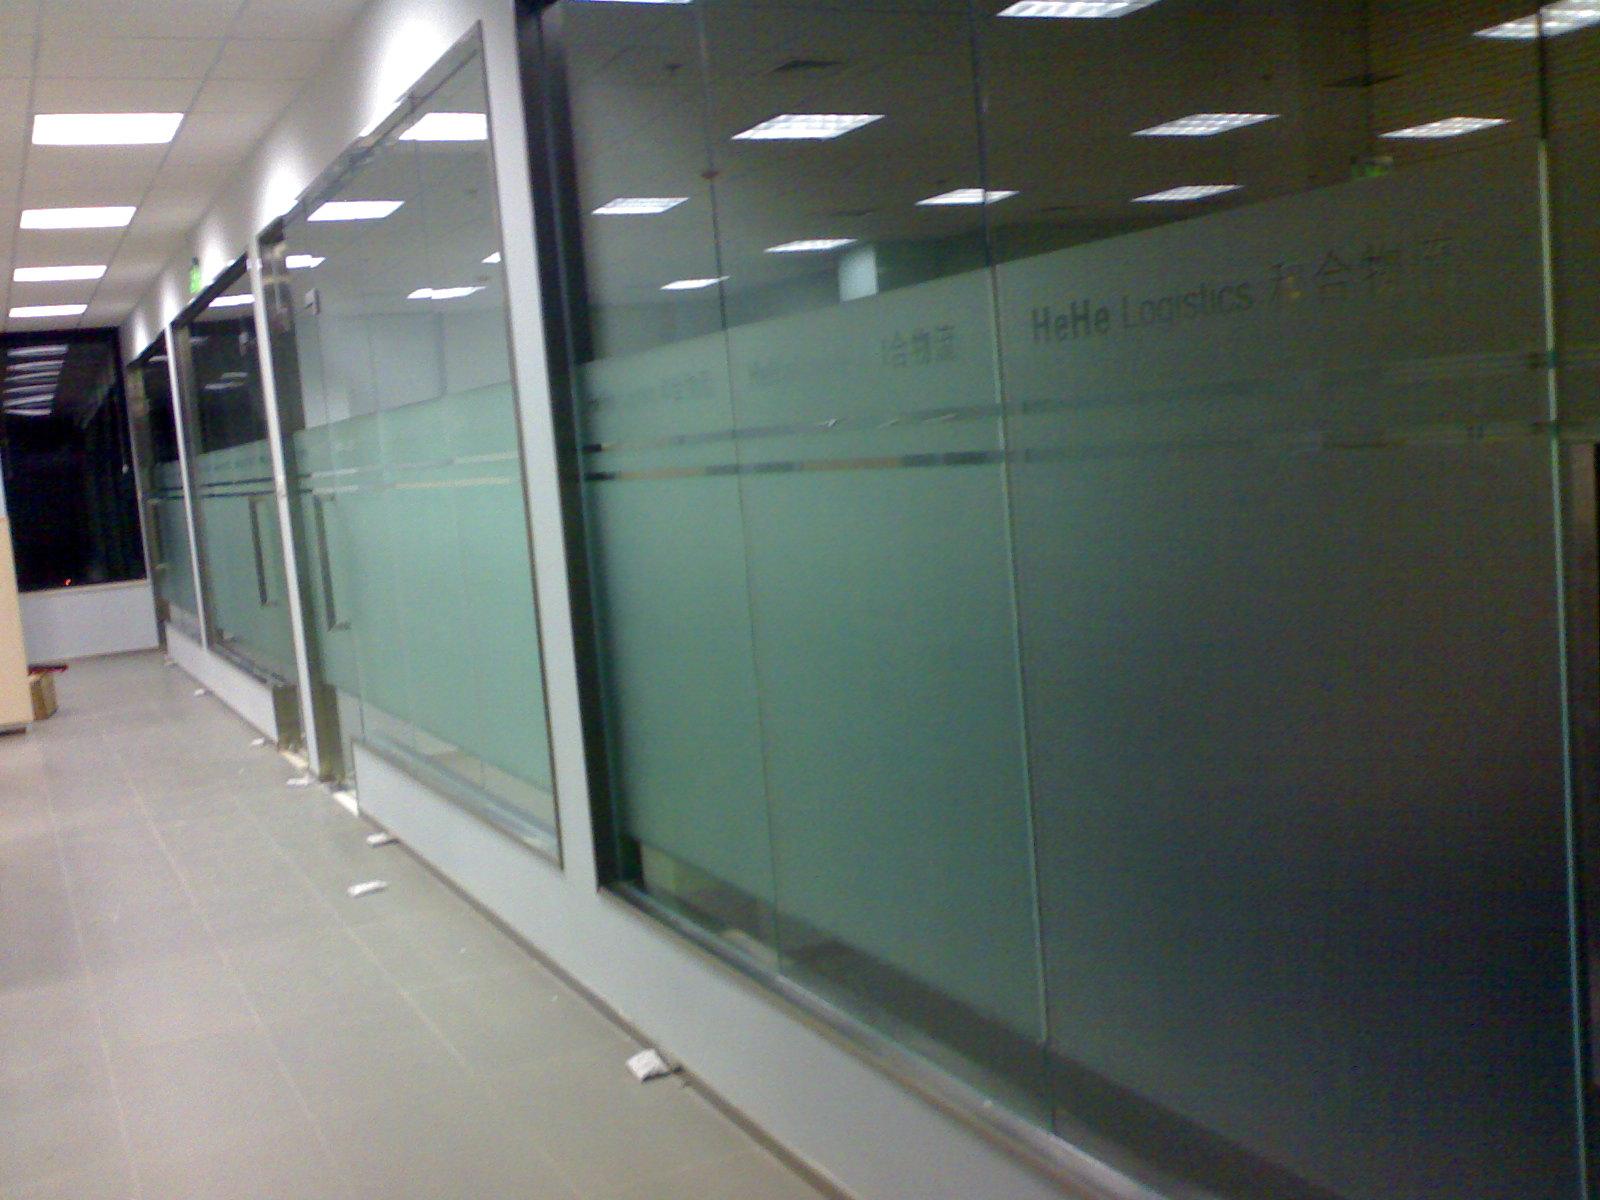 隔断、餐厅和店门的极佳选择.私秘膜还省去了遮阳挡的使用.高清图片